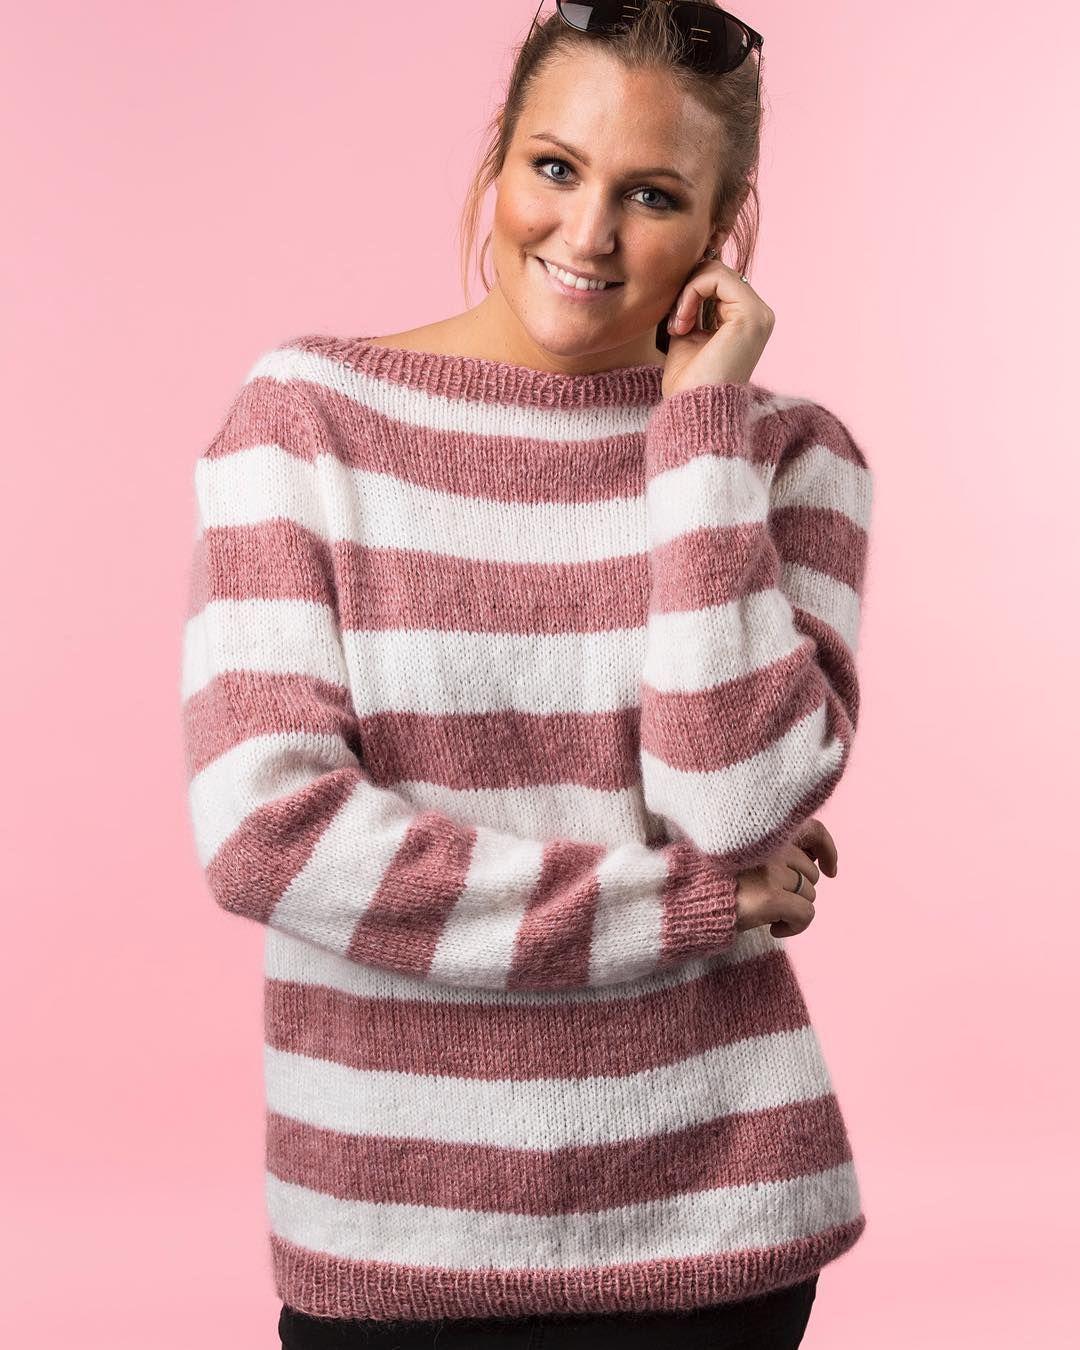 b795141a Gratis Strikkeopskrift | Elegant og klassisk sweater med fine striber som  giver designet en romantisk